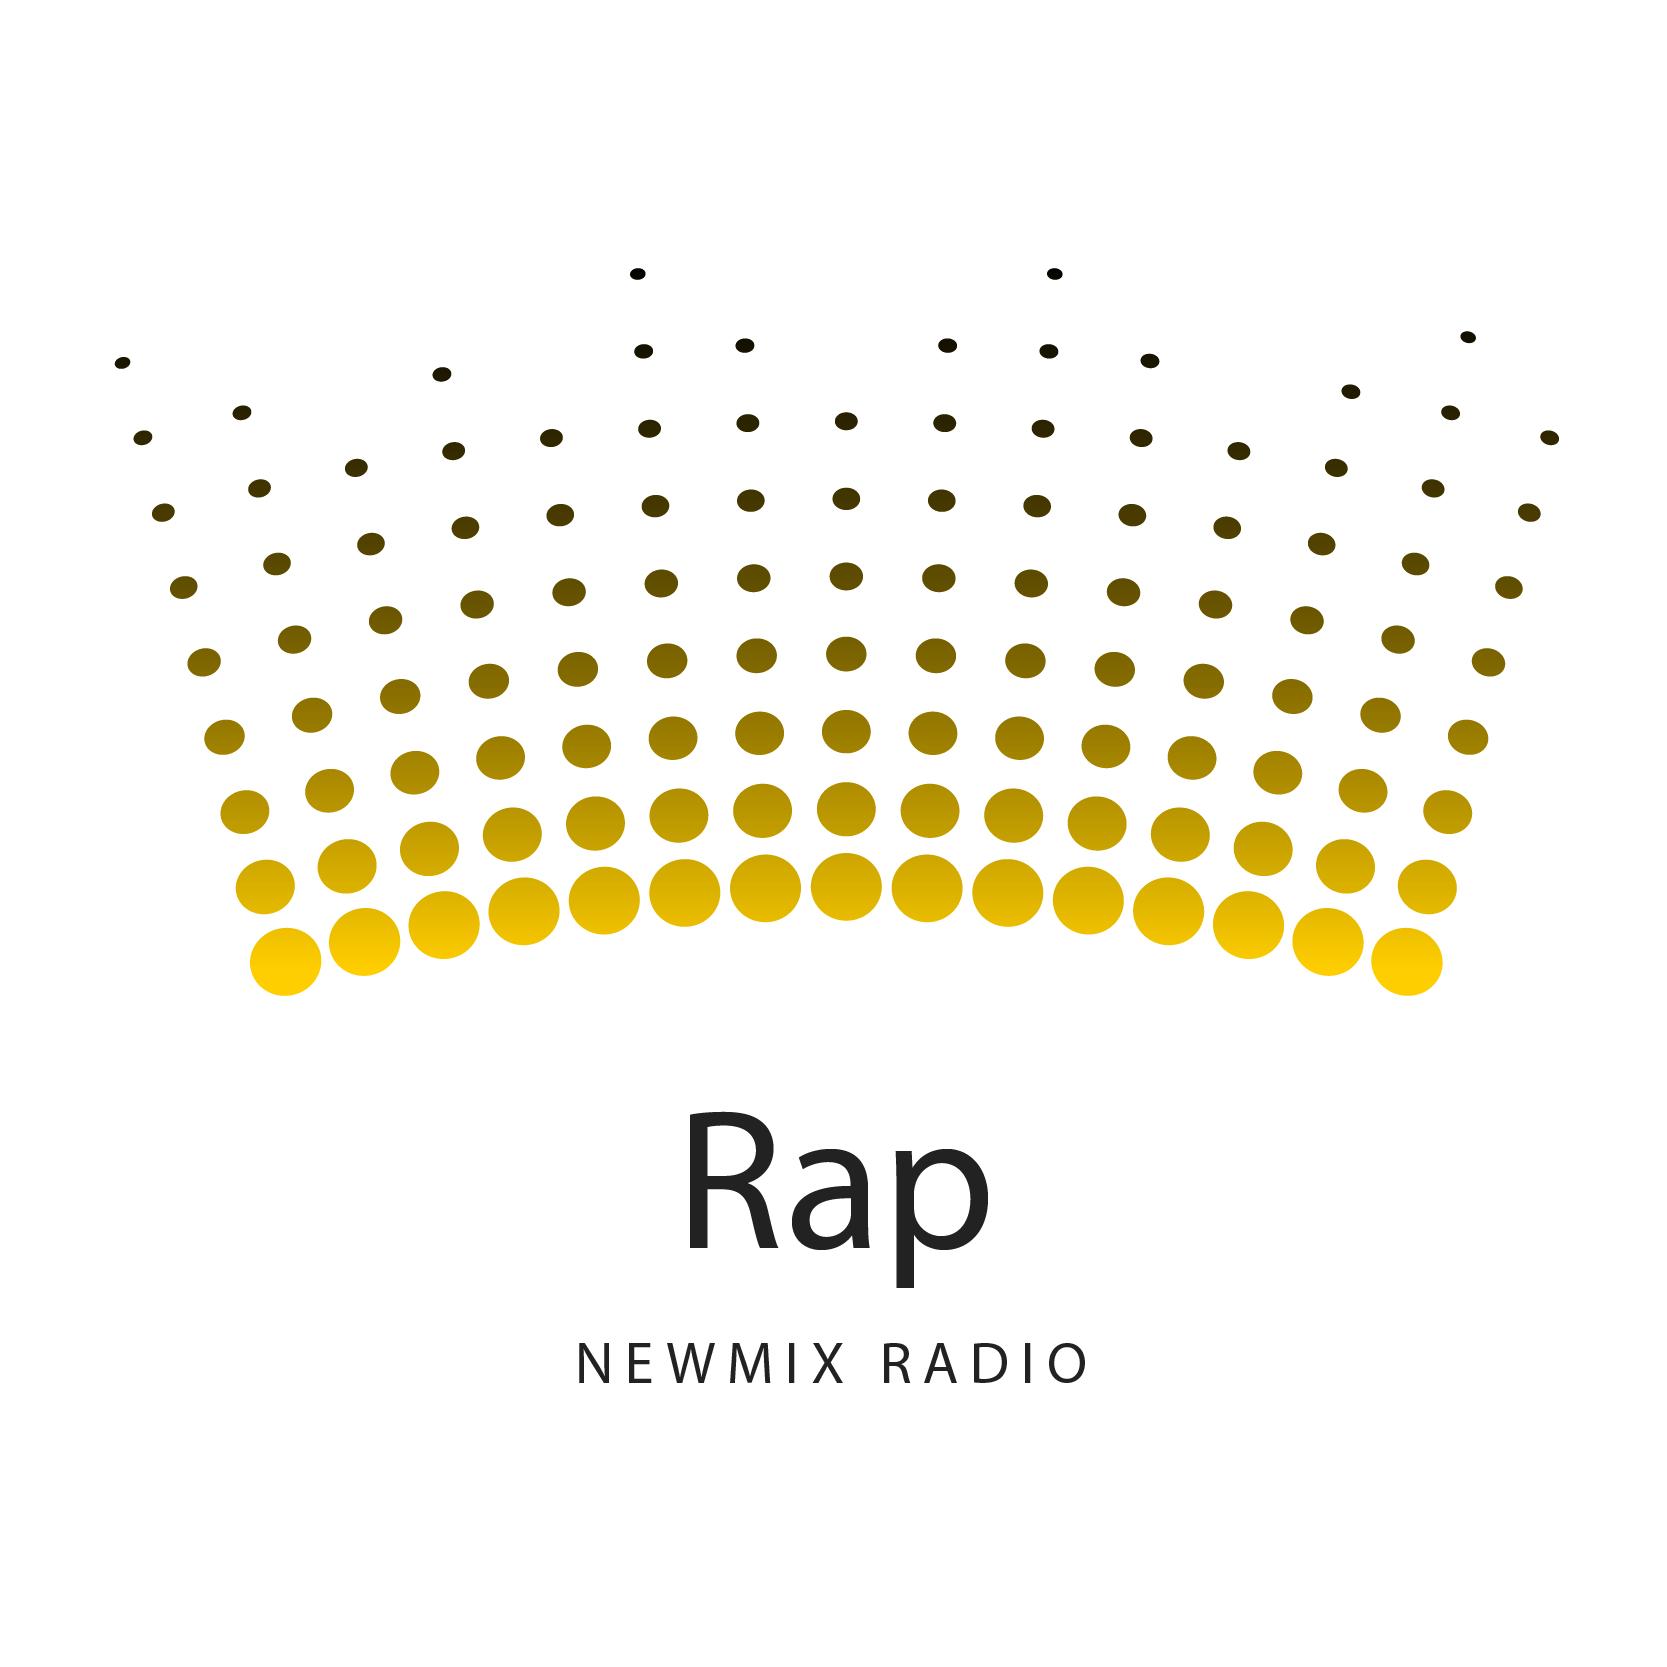 A_A Rap